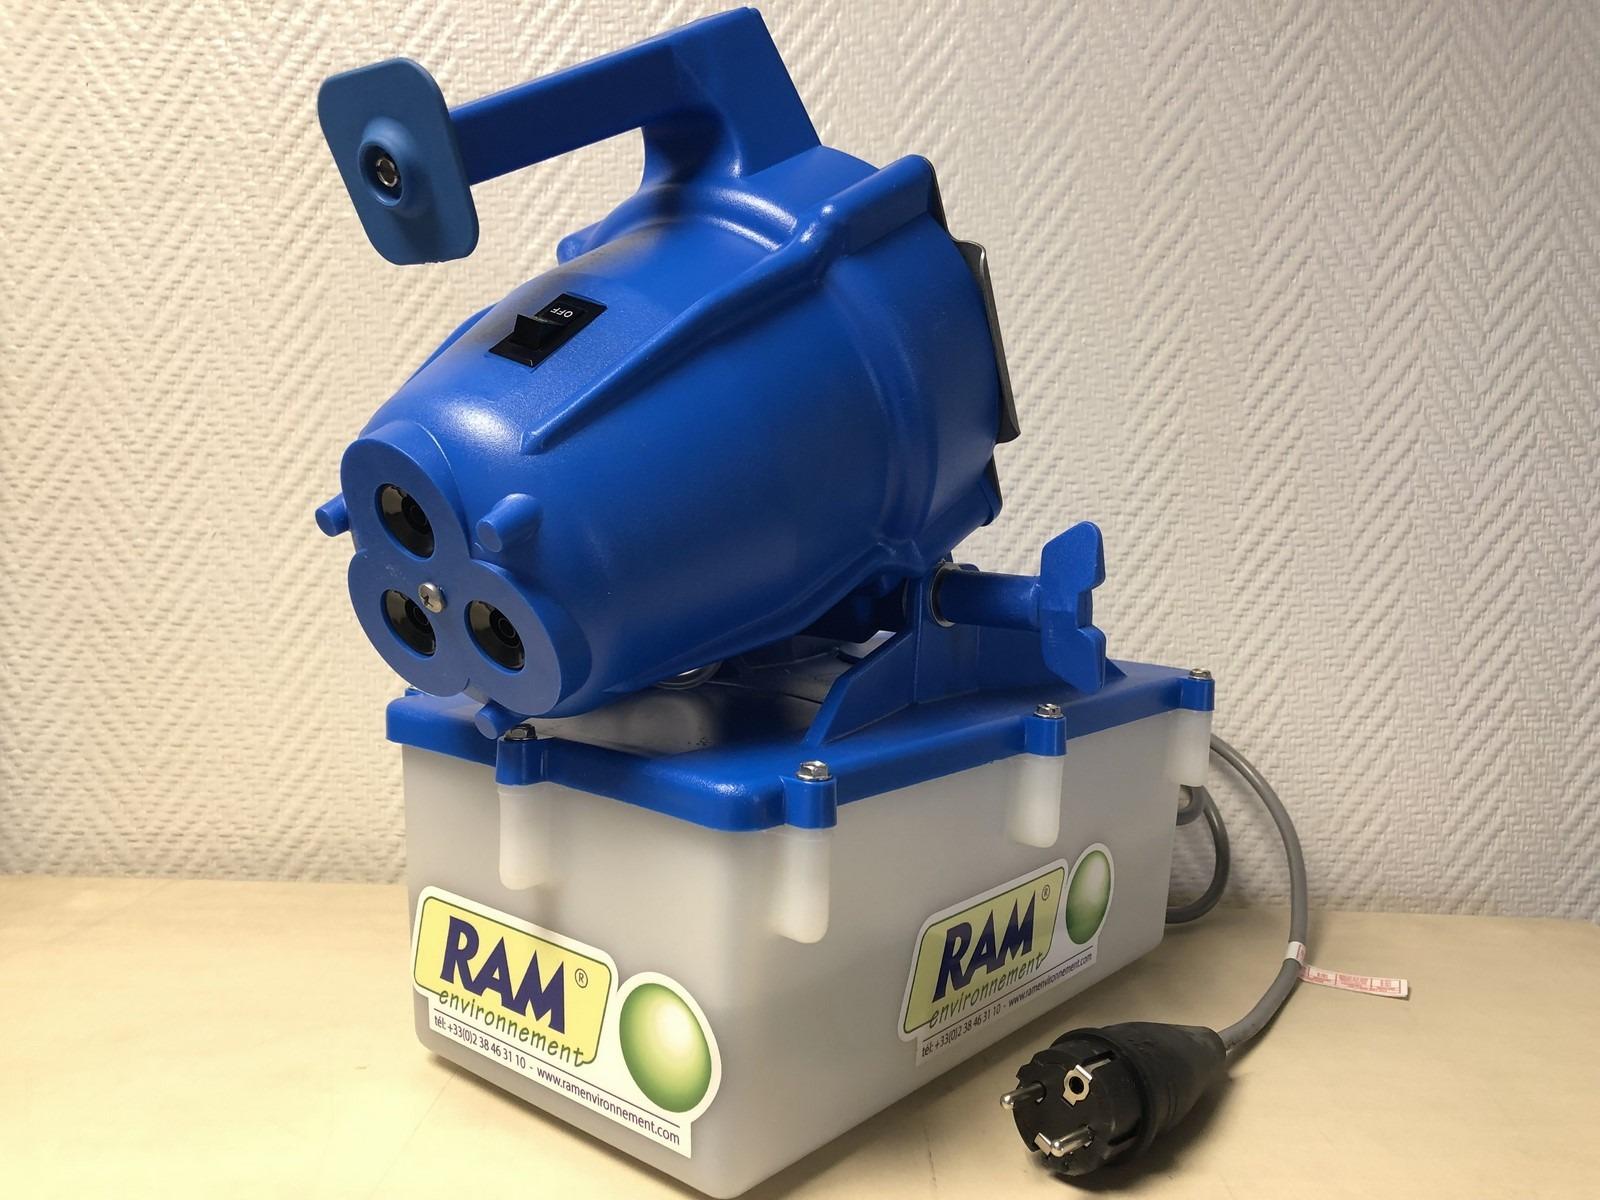 canon brumisation portable autonome TRD5 RAM ENVIRONNEMENT (1)